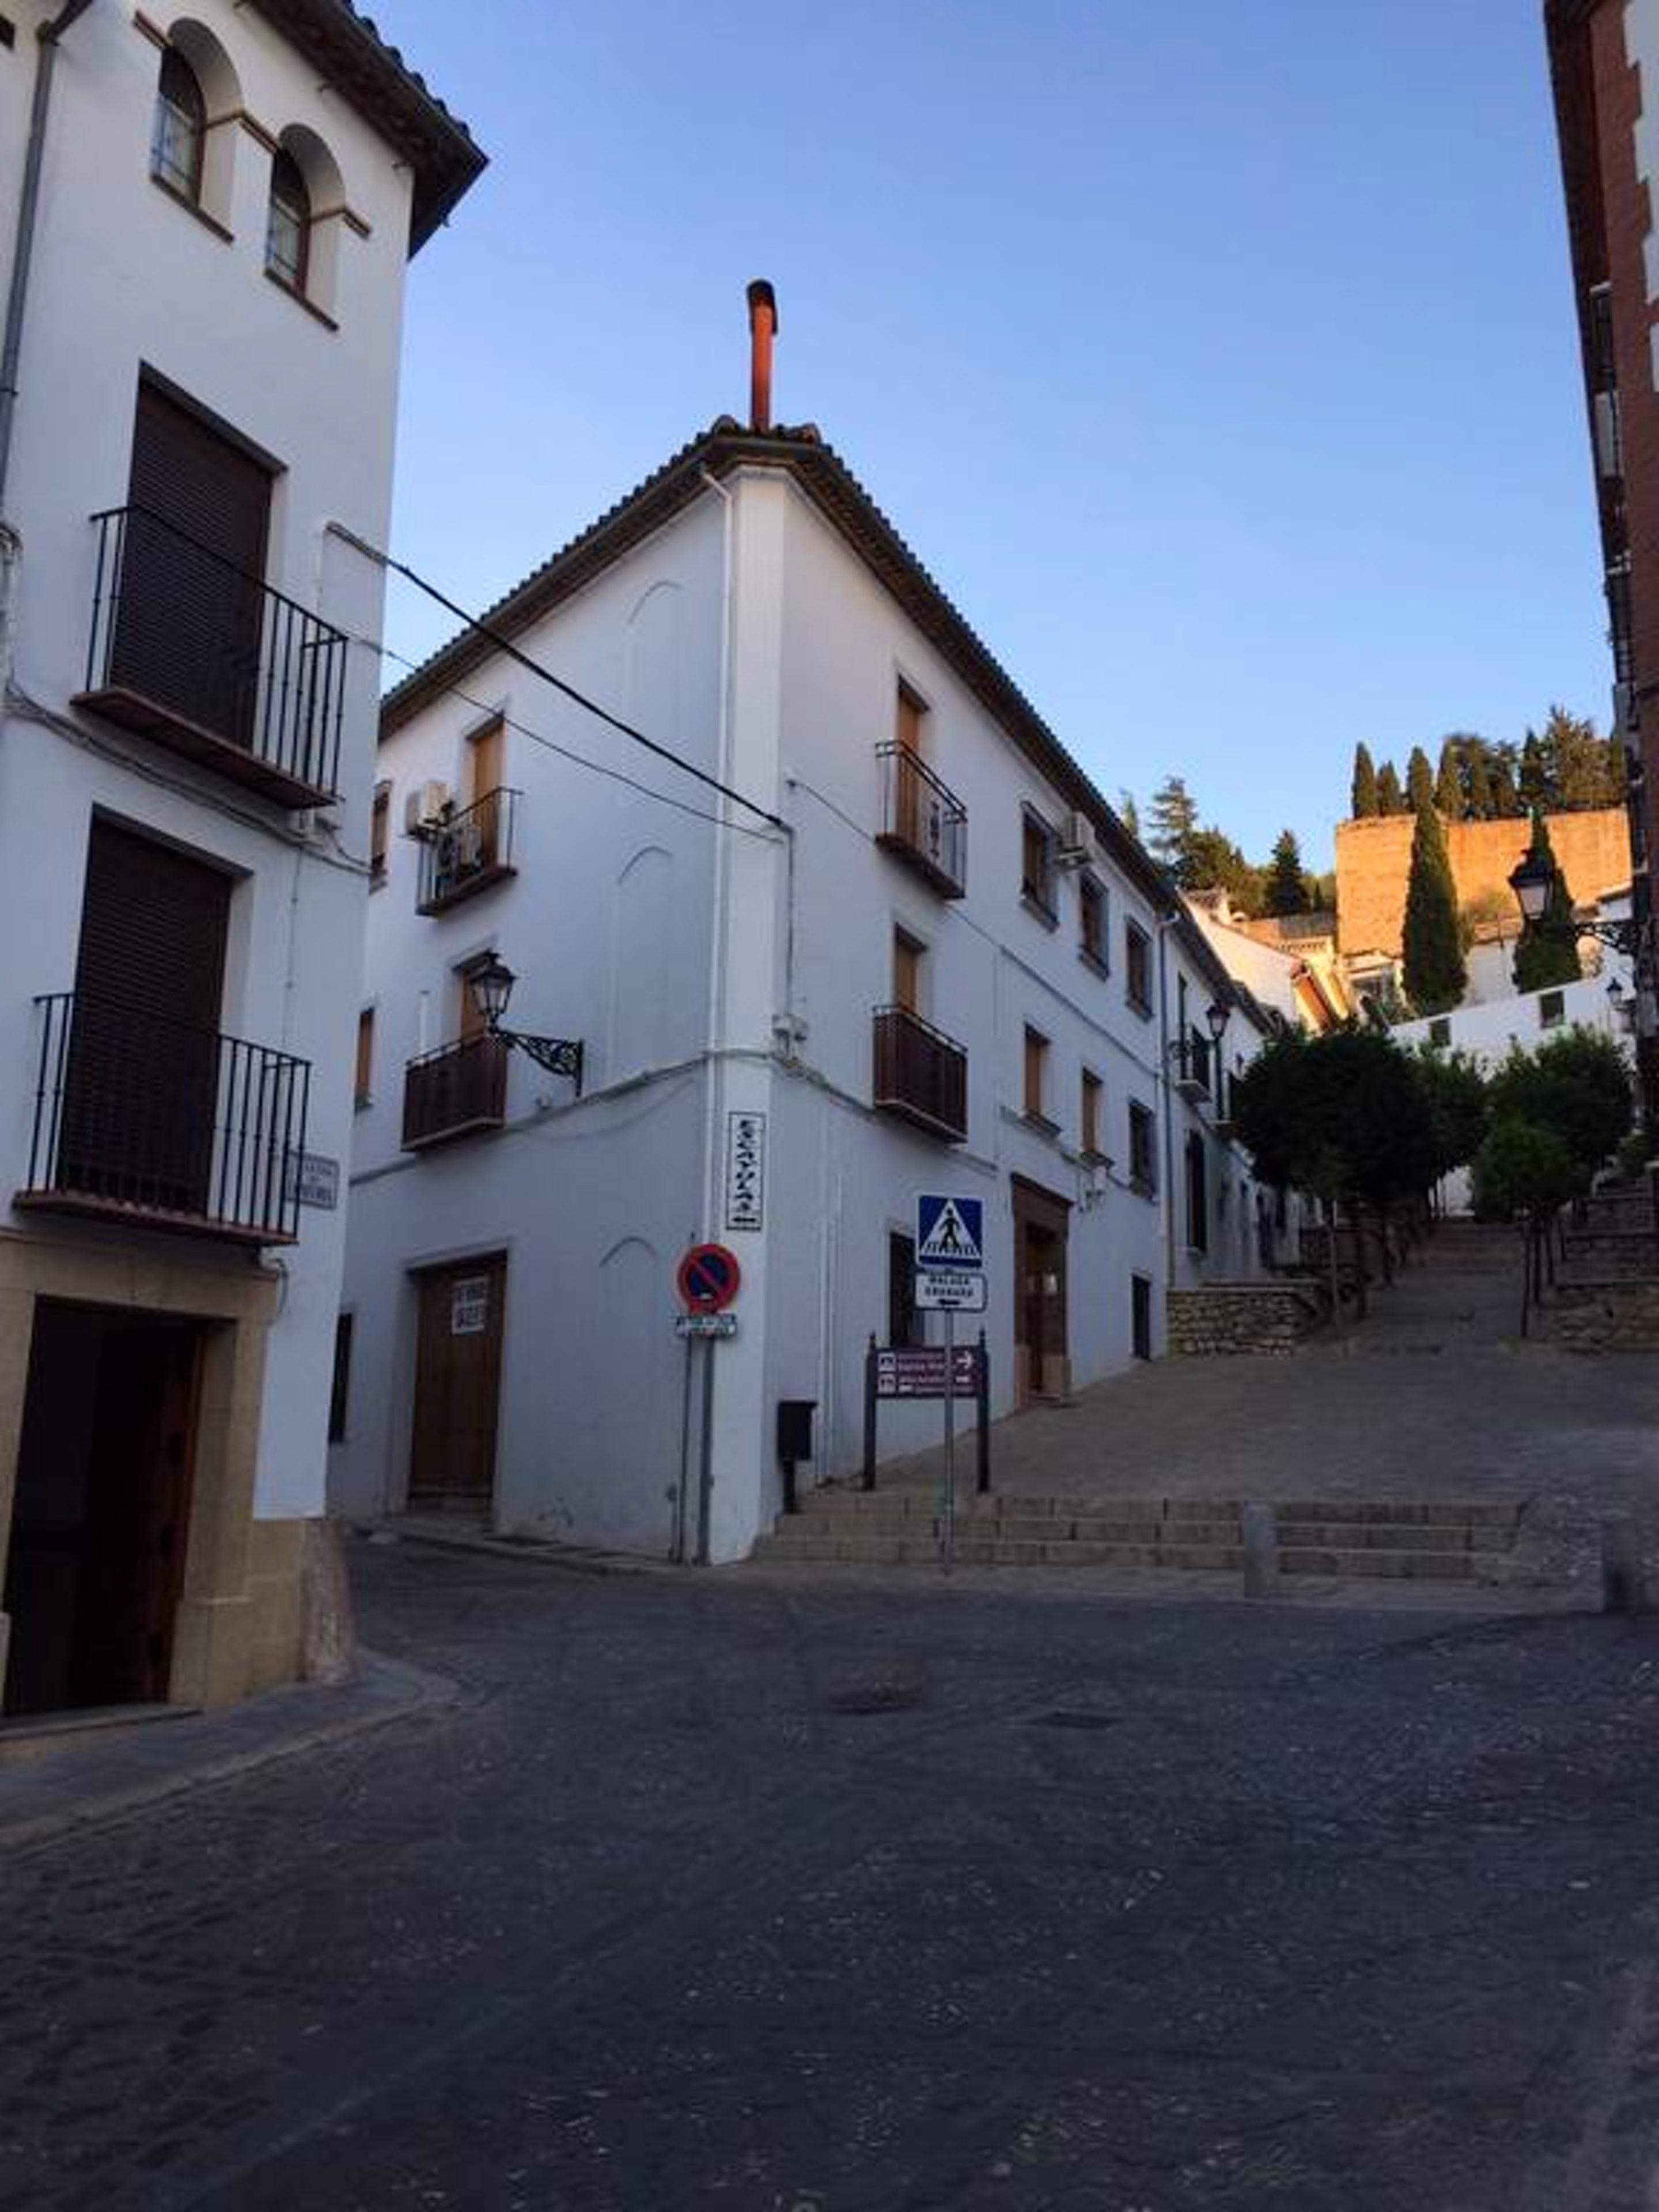 Ferienwohnung Wohnung mit 3 Schlafzimmern in Antequera mit möblierter Terrasse und W-LAN (2706842), Antequera, Malaga, Andalusien, Spanien, Bild 47